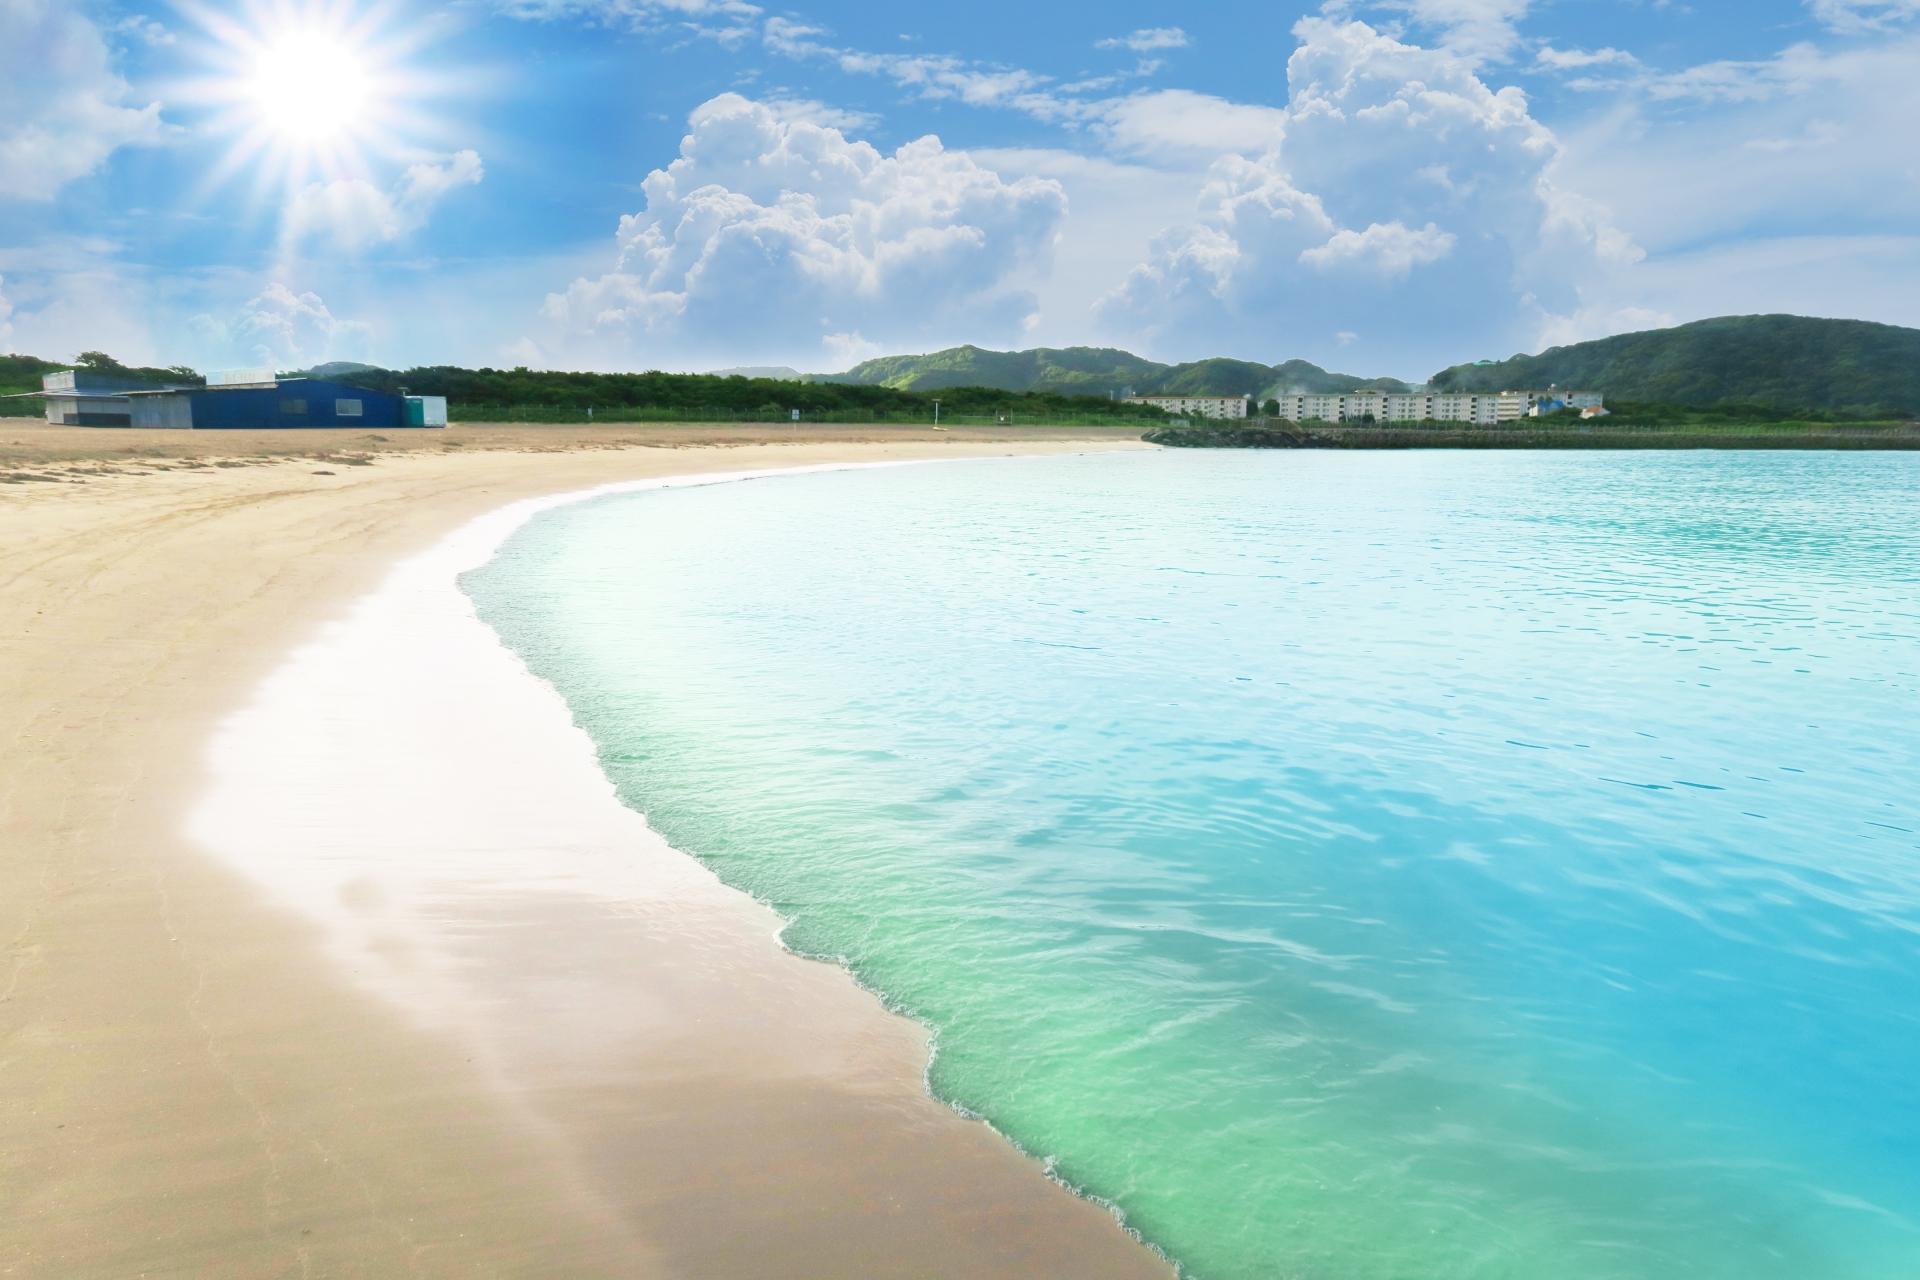 館山の海のおすすめはどこ?海水浴やシュノーケリングも楽しめるスポットを紹介!